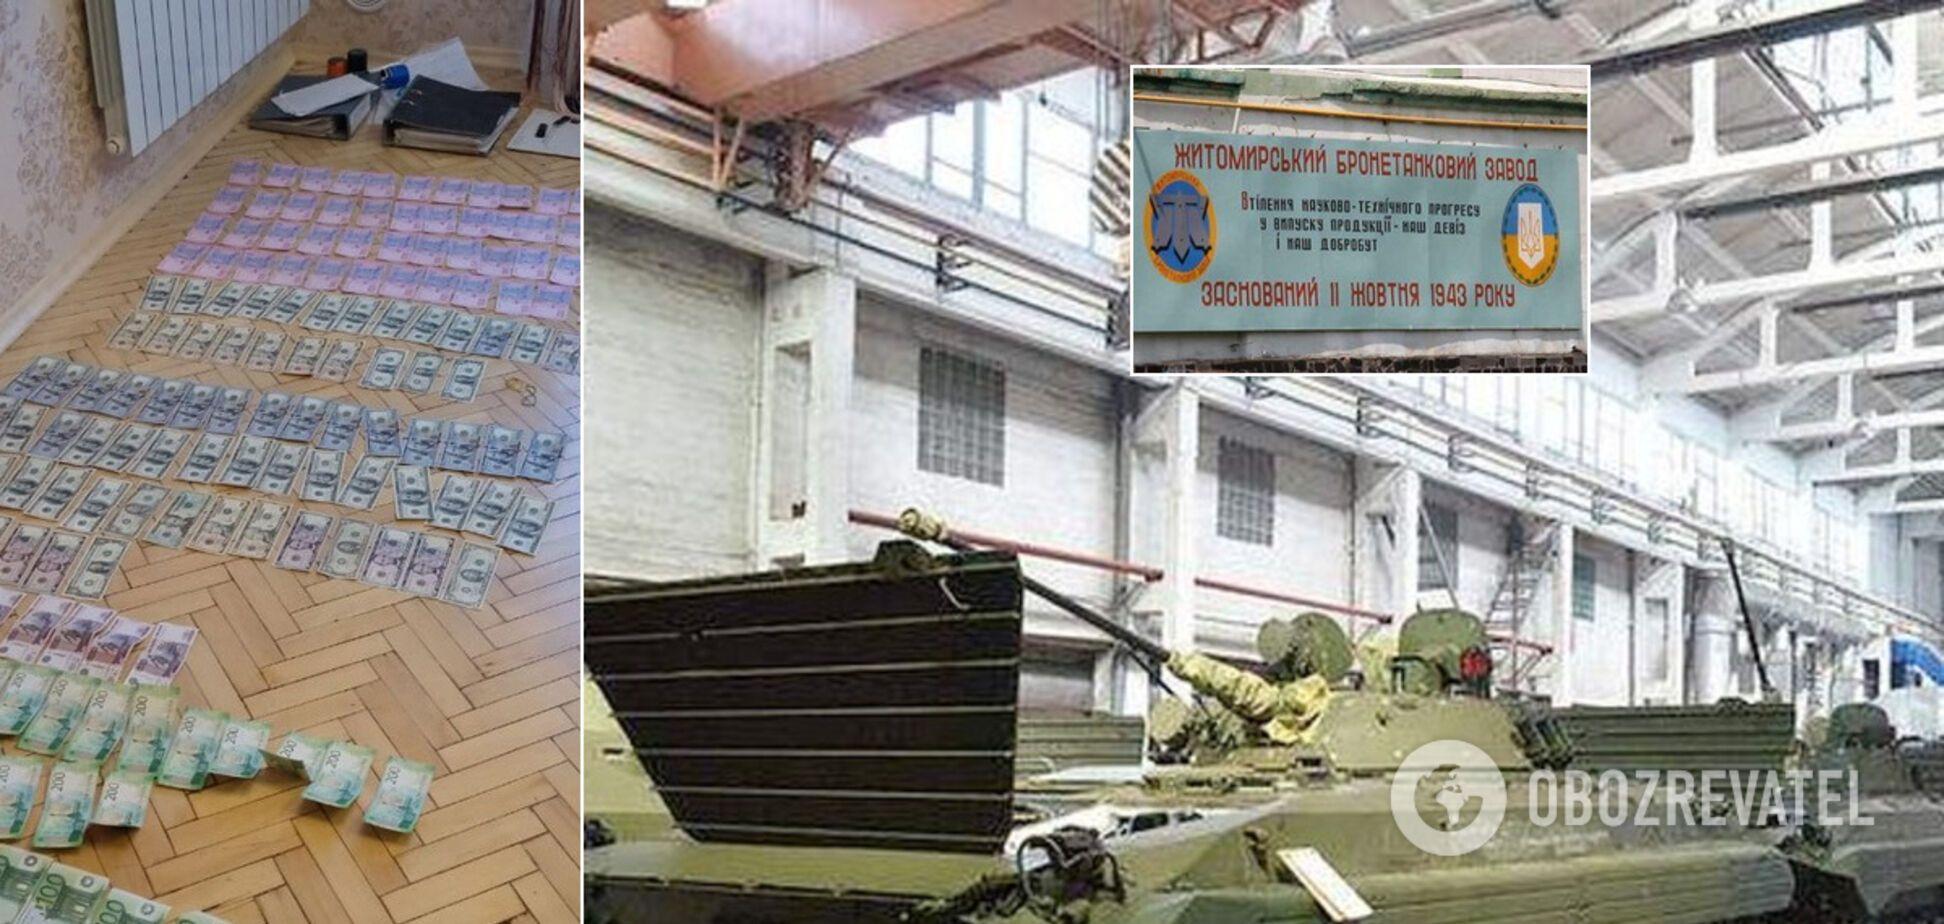 СБУ викрила масштабну оборудку з держкоштами на Житомирському бронетанковому заводі. Відео